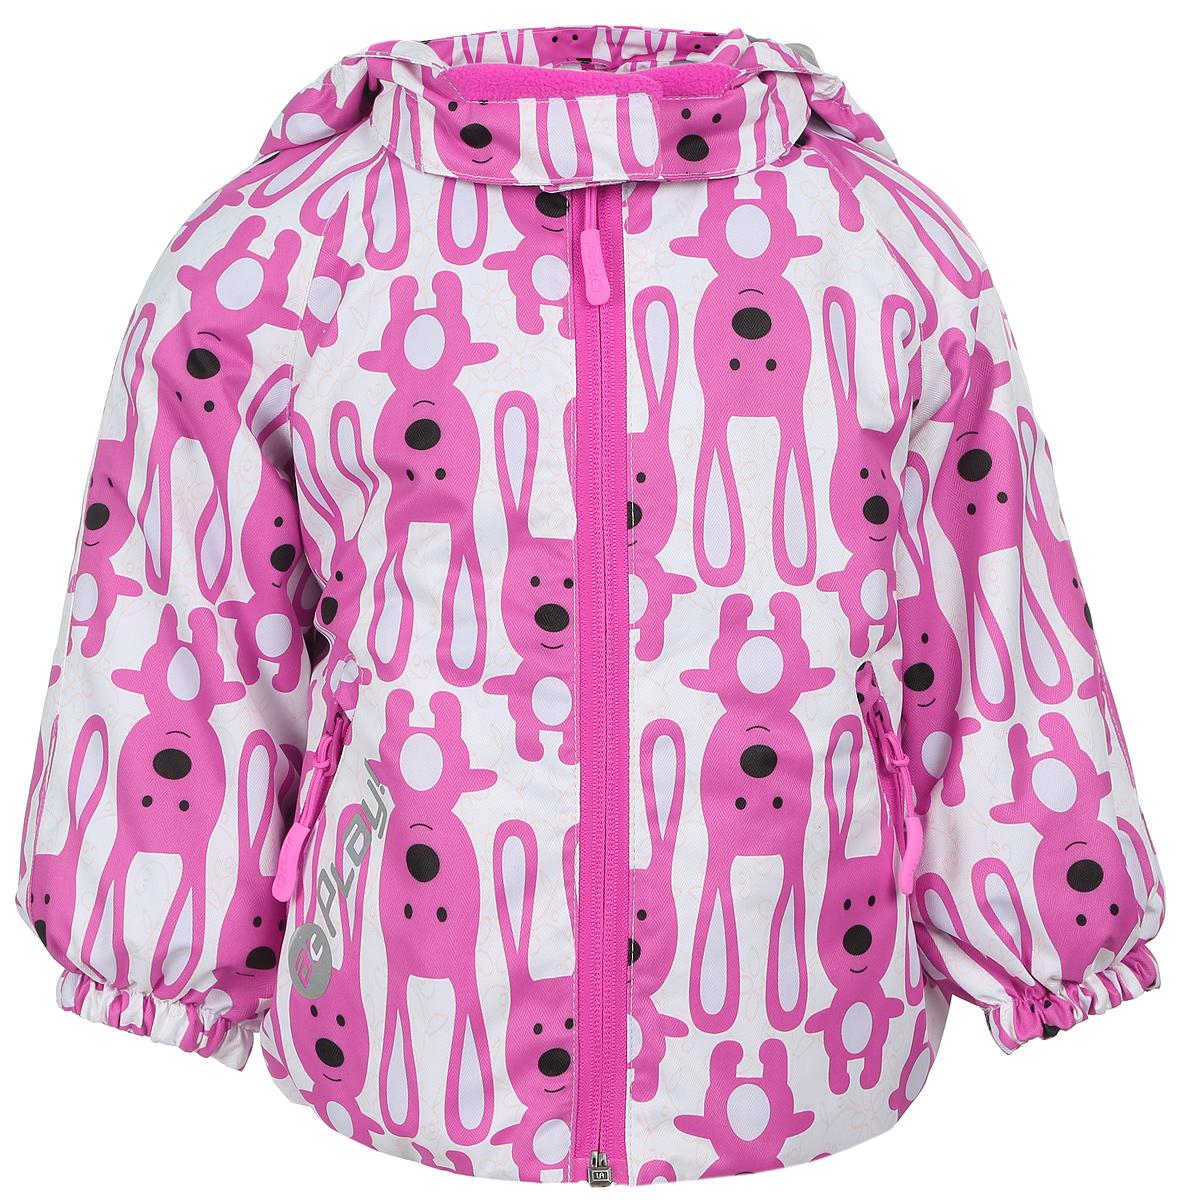 Куртка для девочки atPlay!, цвет: молочный, розовый. 1jk703. Размер 92, 2 года1jk703Удобная и комфортная куртка для девочки atPlay! выполнена из качественного полиэстера, с покрытием Teflon от DuPont, которое облегчает уход за этой одеждой. Дышащая способность: 5000г/м и водонепроницаемость куртки: 5000мм.Куртка 2 в 1 с отстегивающейся флисовой поддевкой-кофточкой из материала Polar fleese, которая служит как утеплитель, а также ее можно носить отдельно. Такая кофточка отличное решение для весеннего периода, к тому же она изготовлена с антипиллинговой обработкой ворса для сохранения качественных характеристик на более длительный срок. Куртка с воротником-стойкой и отстегивающимся капюшоном застегивается на молнию с защитой подбородка. Капюшон имеет спереди защитный клапан на липучках. Манжеты рукавов, капюшон и низ изделия дополнены эластичными резинками. Спереди модель оформлена двумя прорезными карманами на застежках-молниях, с внутренней стороны на поддевке-кофточке расположены два накладных кармана.Куртка оснащена светоотражающей надписью и оформлена интересным принтом с изображением зайчиков.